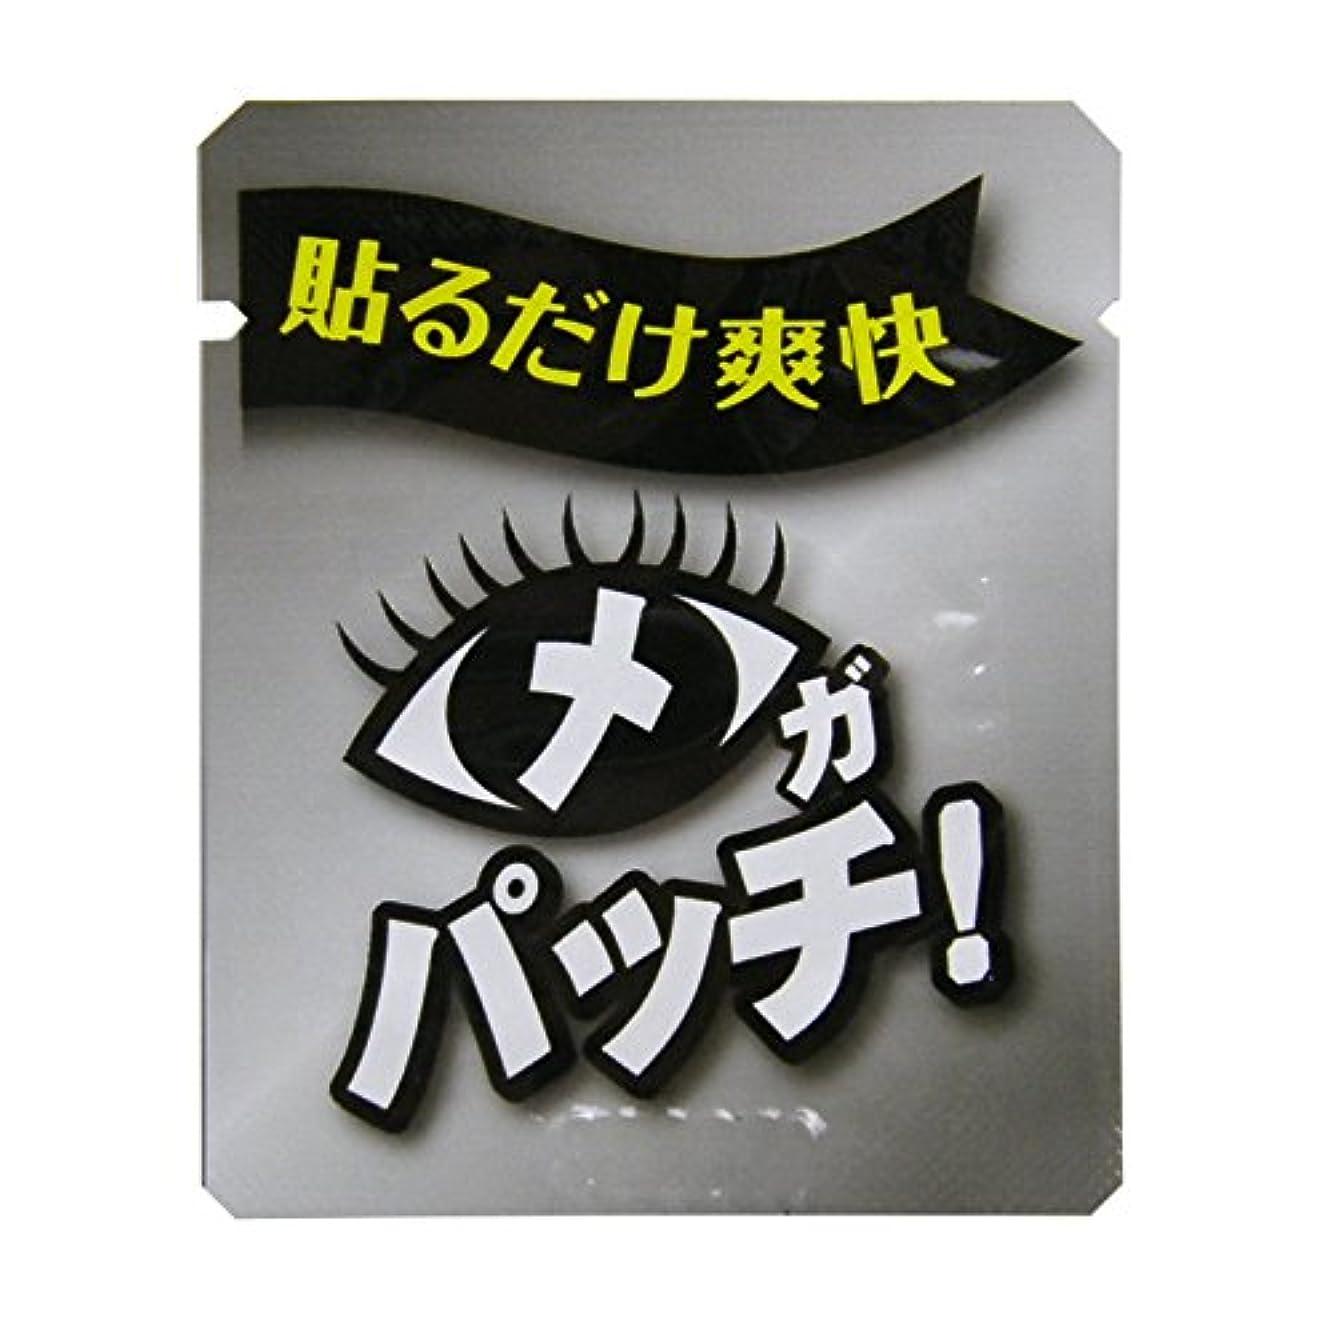 バンドクラフト公メガパッチ お試し用 1枚 【実質無料サンプルストア対象】